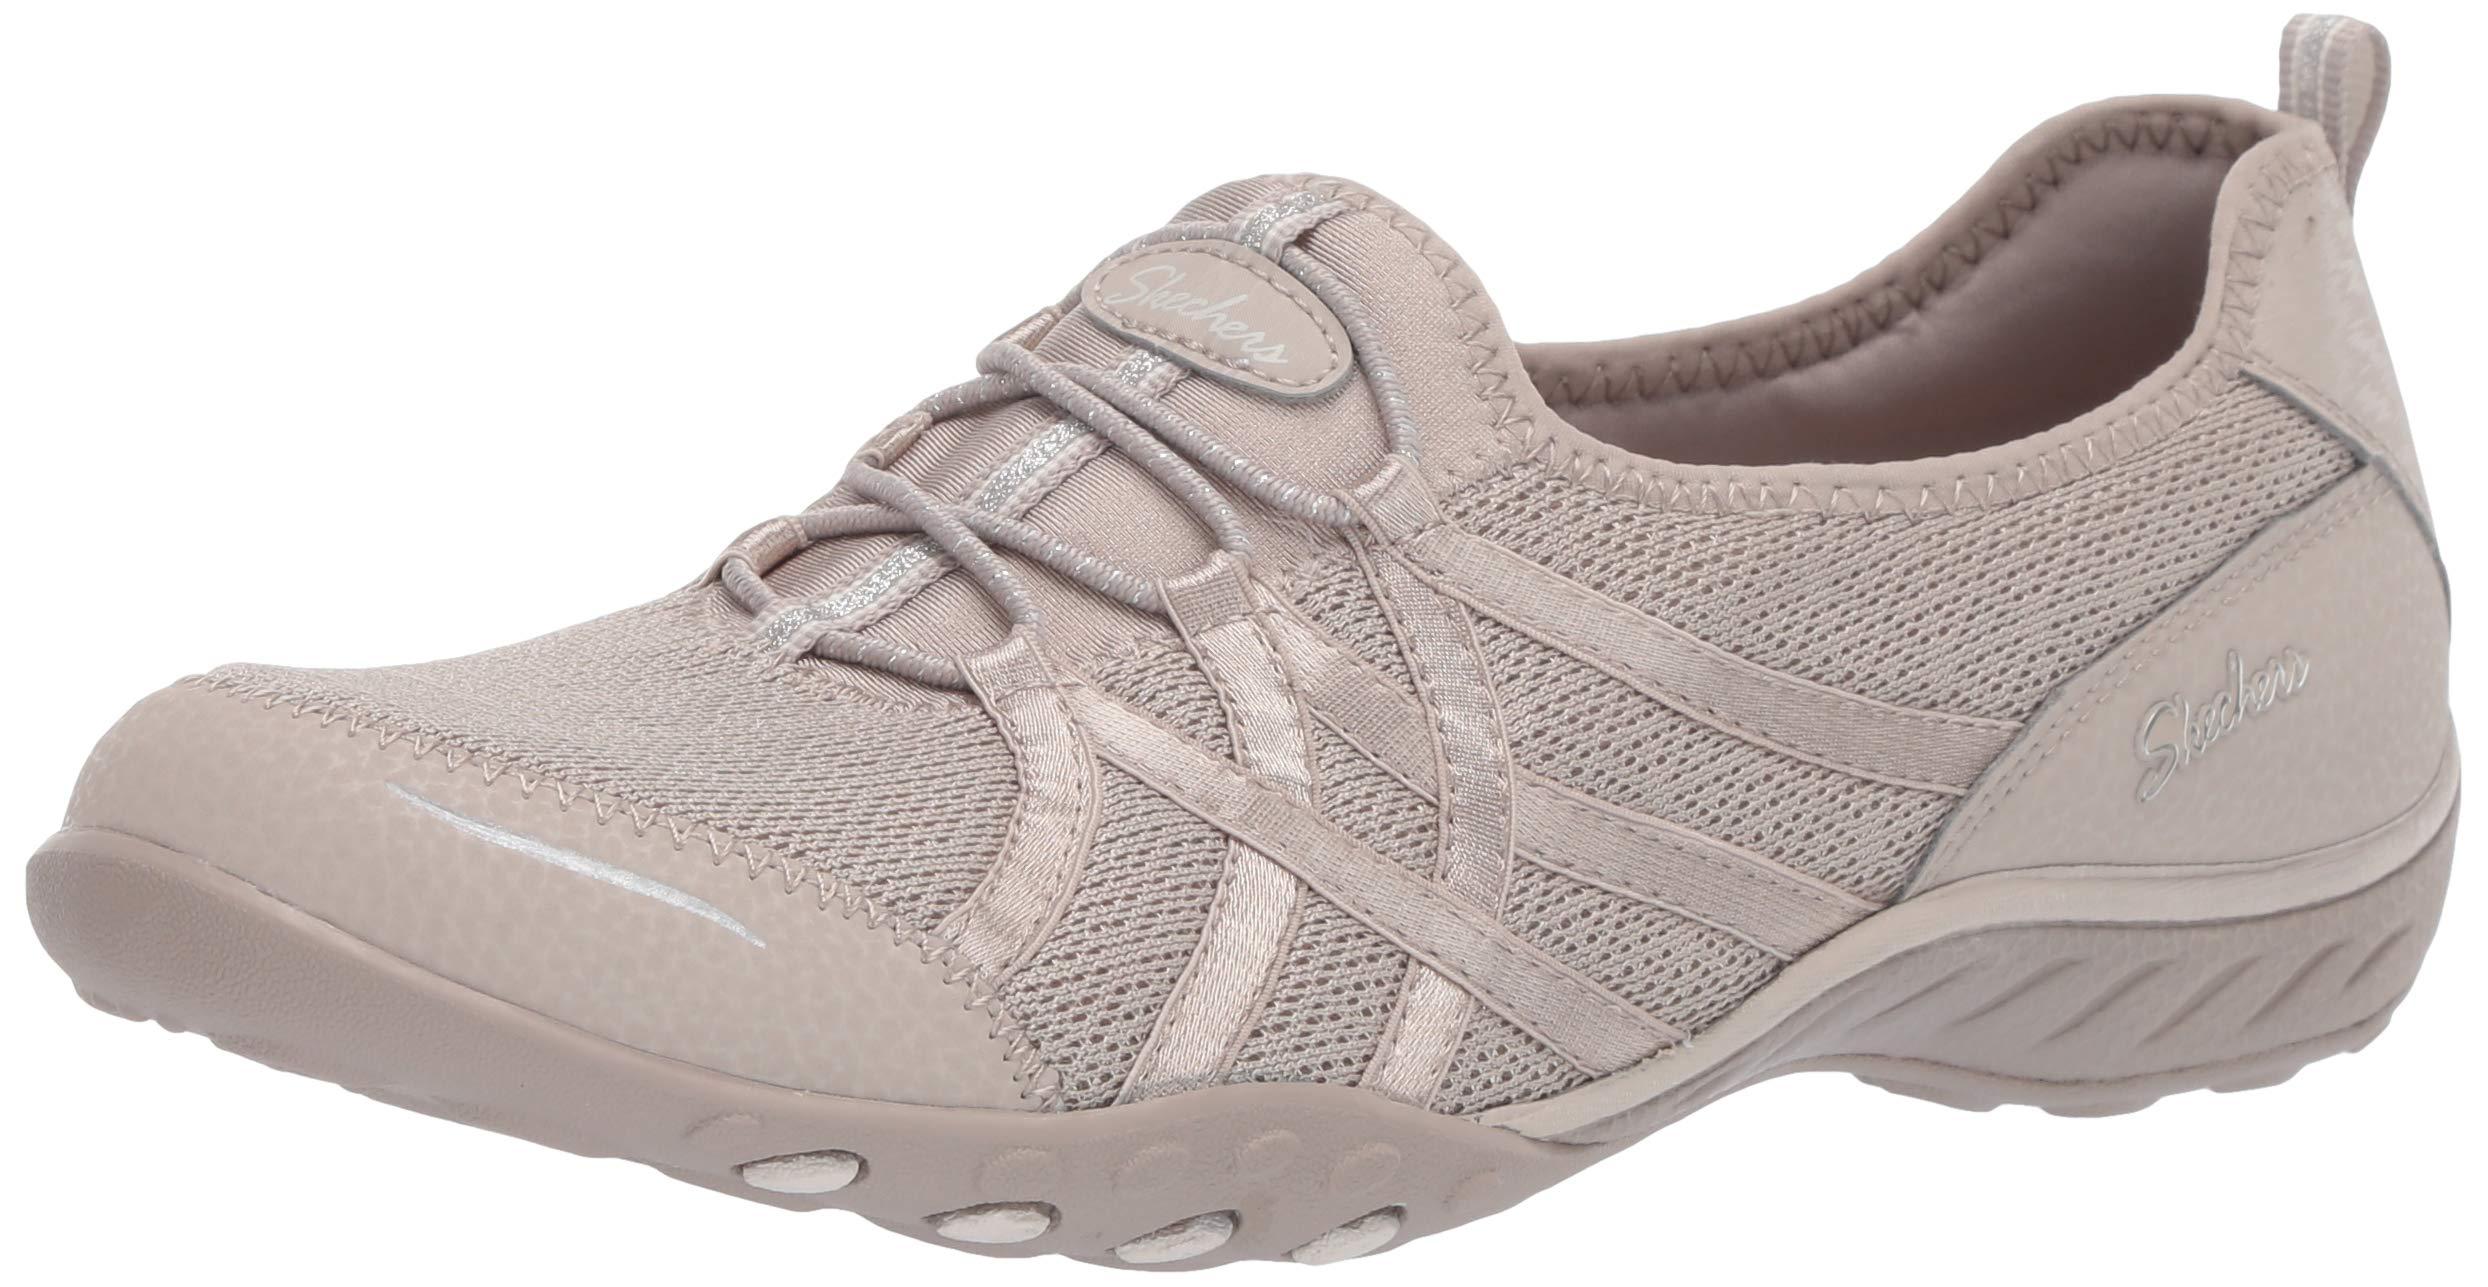 Skechers Women's Breathe Easy - Envy Me Sneaker TPE 5 M US